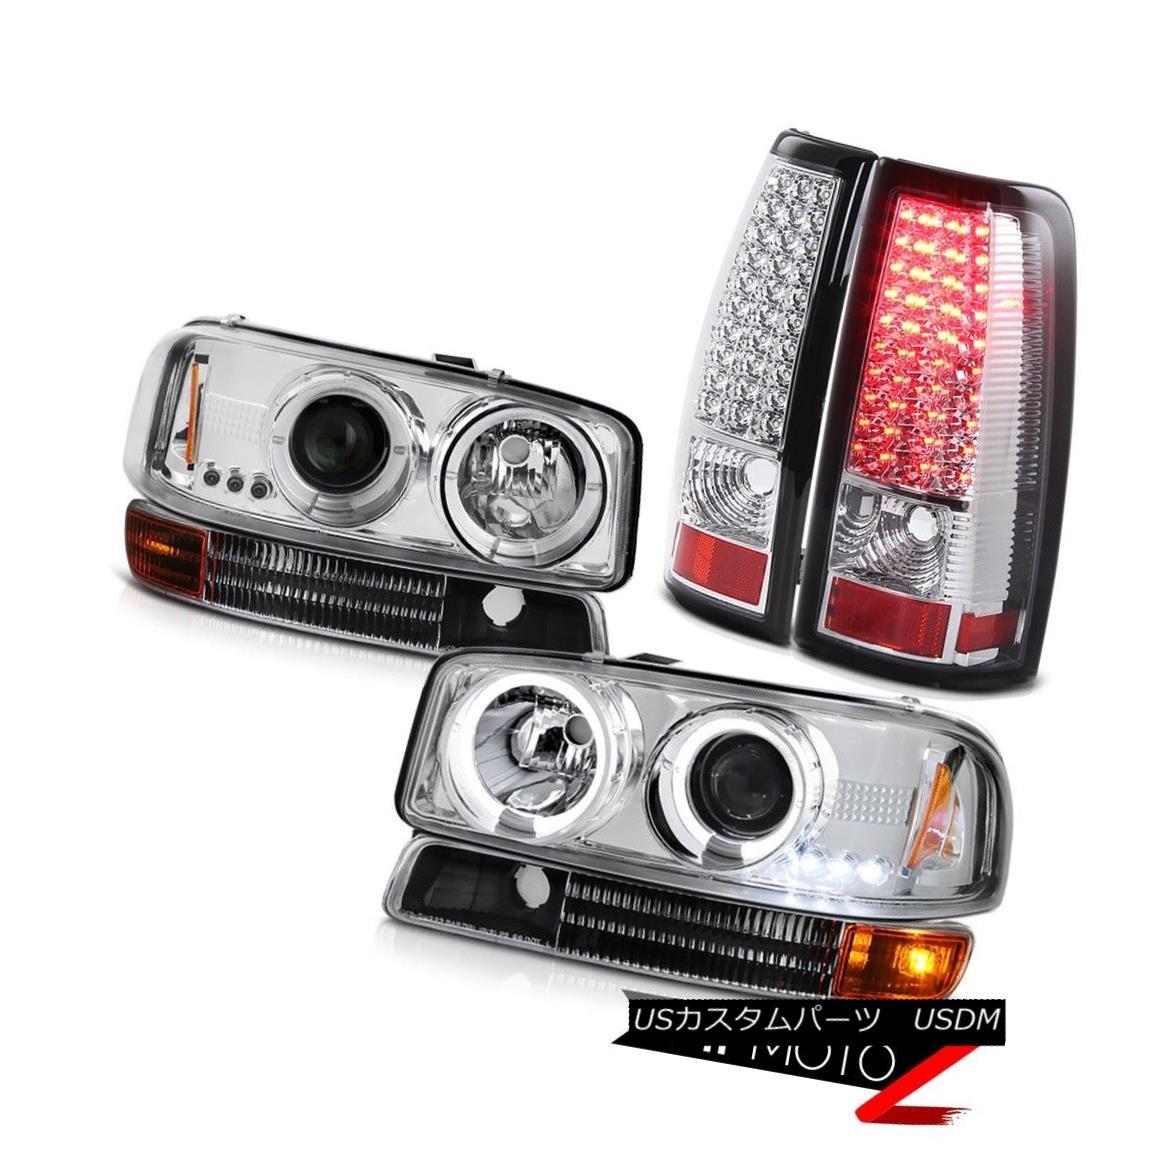 ヘッドライト 2004-2006 Sierra SLE Chrome LED Angel Eye Headlights Parking SMD Rear Tail Light 2004-2006シエラSLEクロームLEDエンジェルアイヘッドライトパーキングSMDリアテールライト